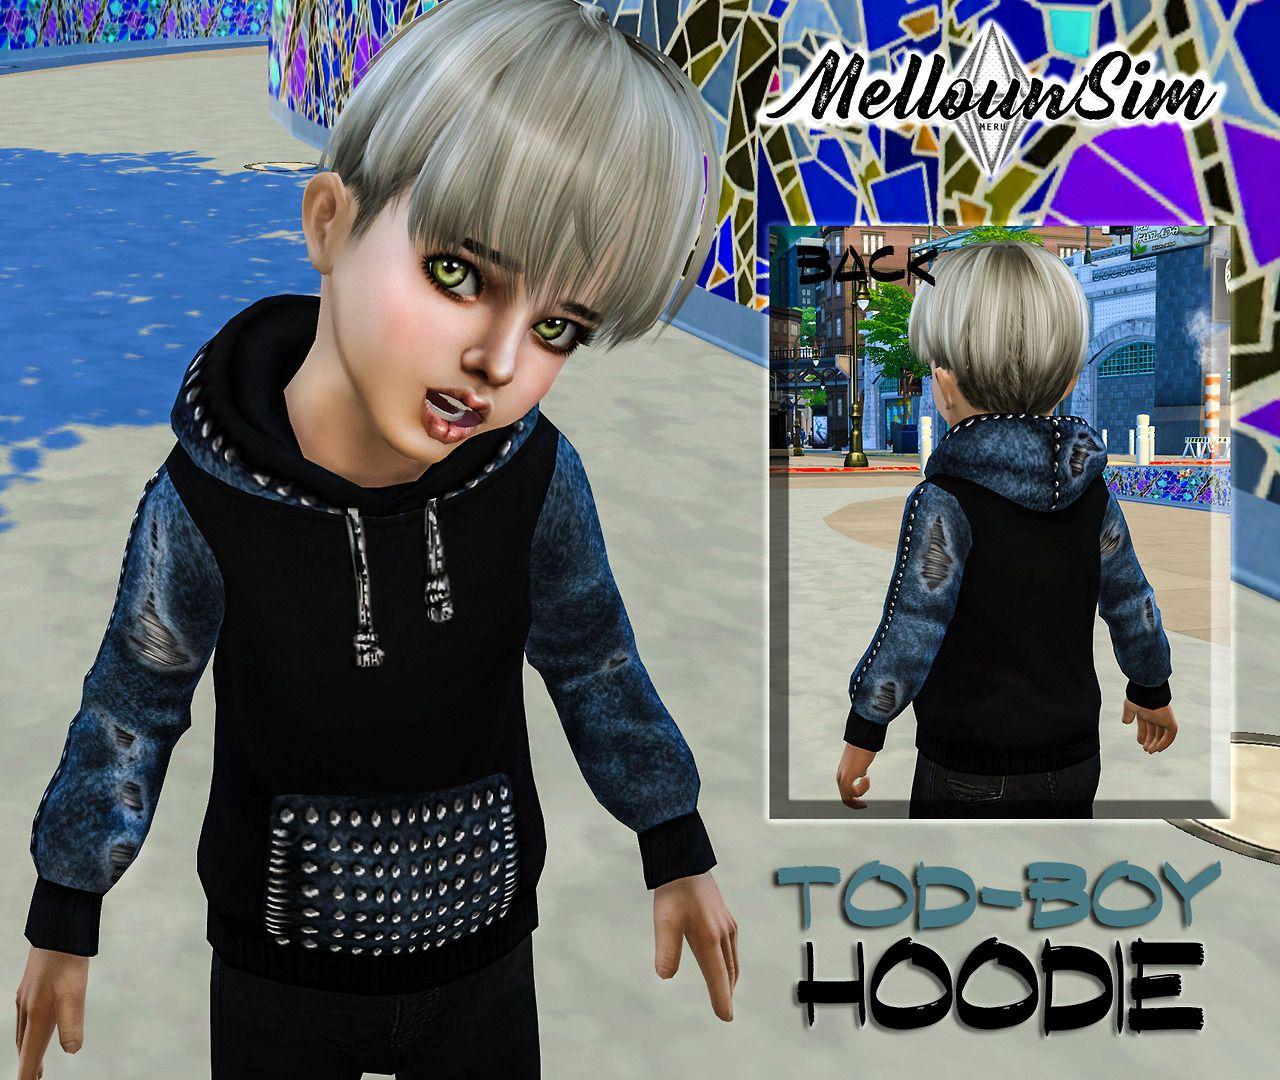 Mellouwsim sims 4 toddler toddler boy hoodie sims 4 cc